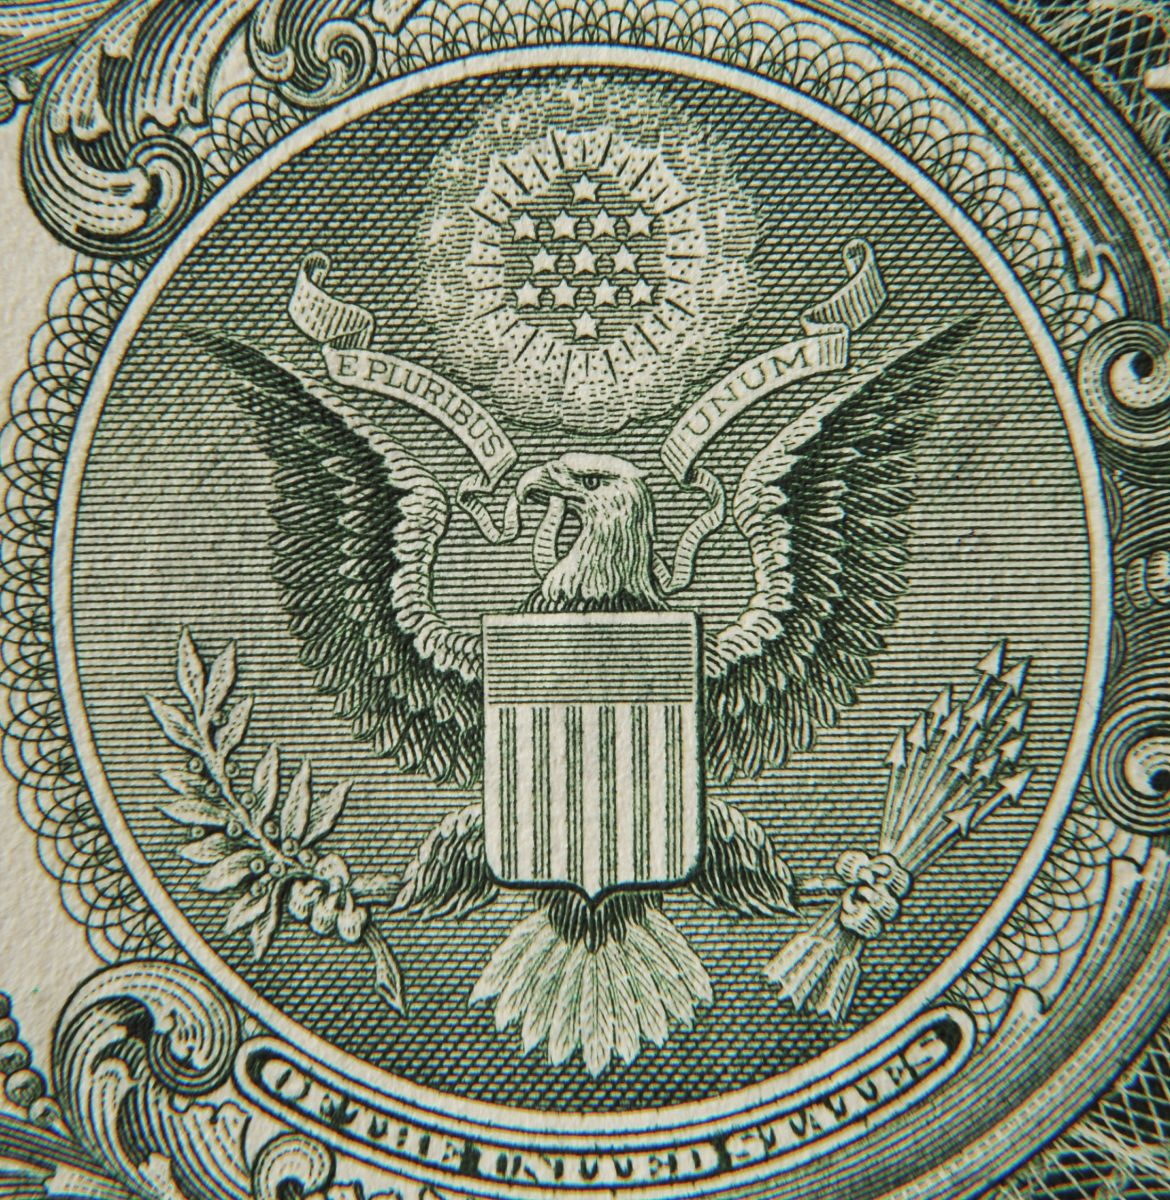 Advierten sobre un nuevo colapso del dólar con probabilidades de más de un 50% de una doble recesión